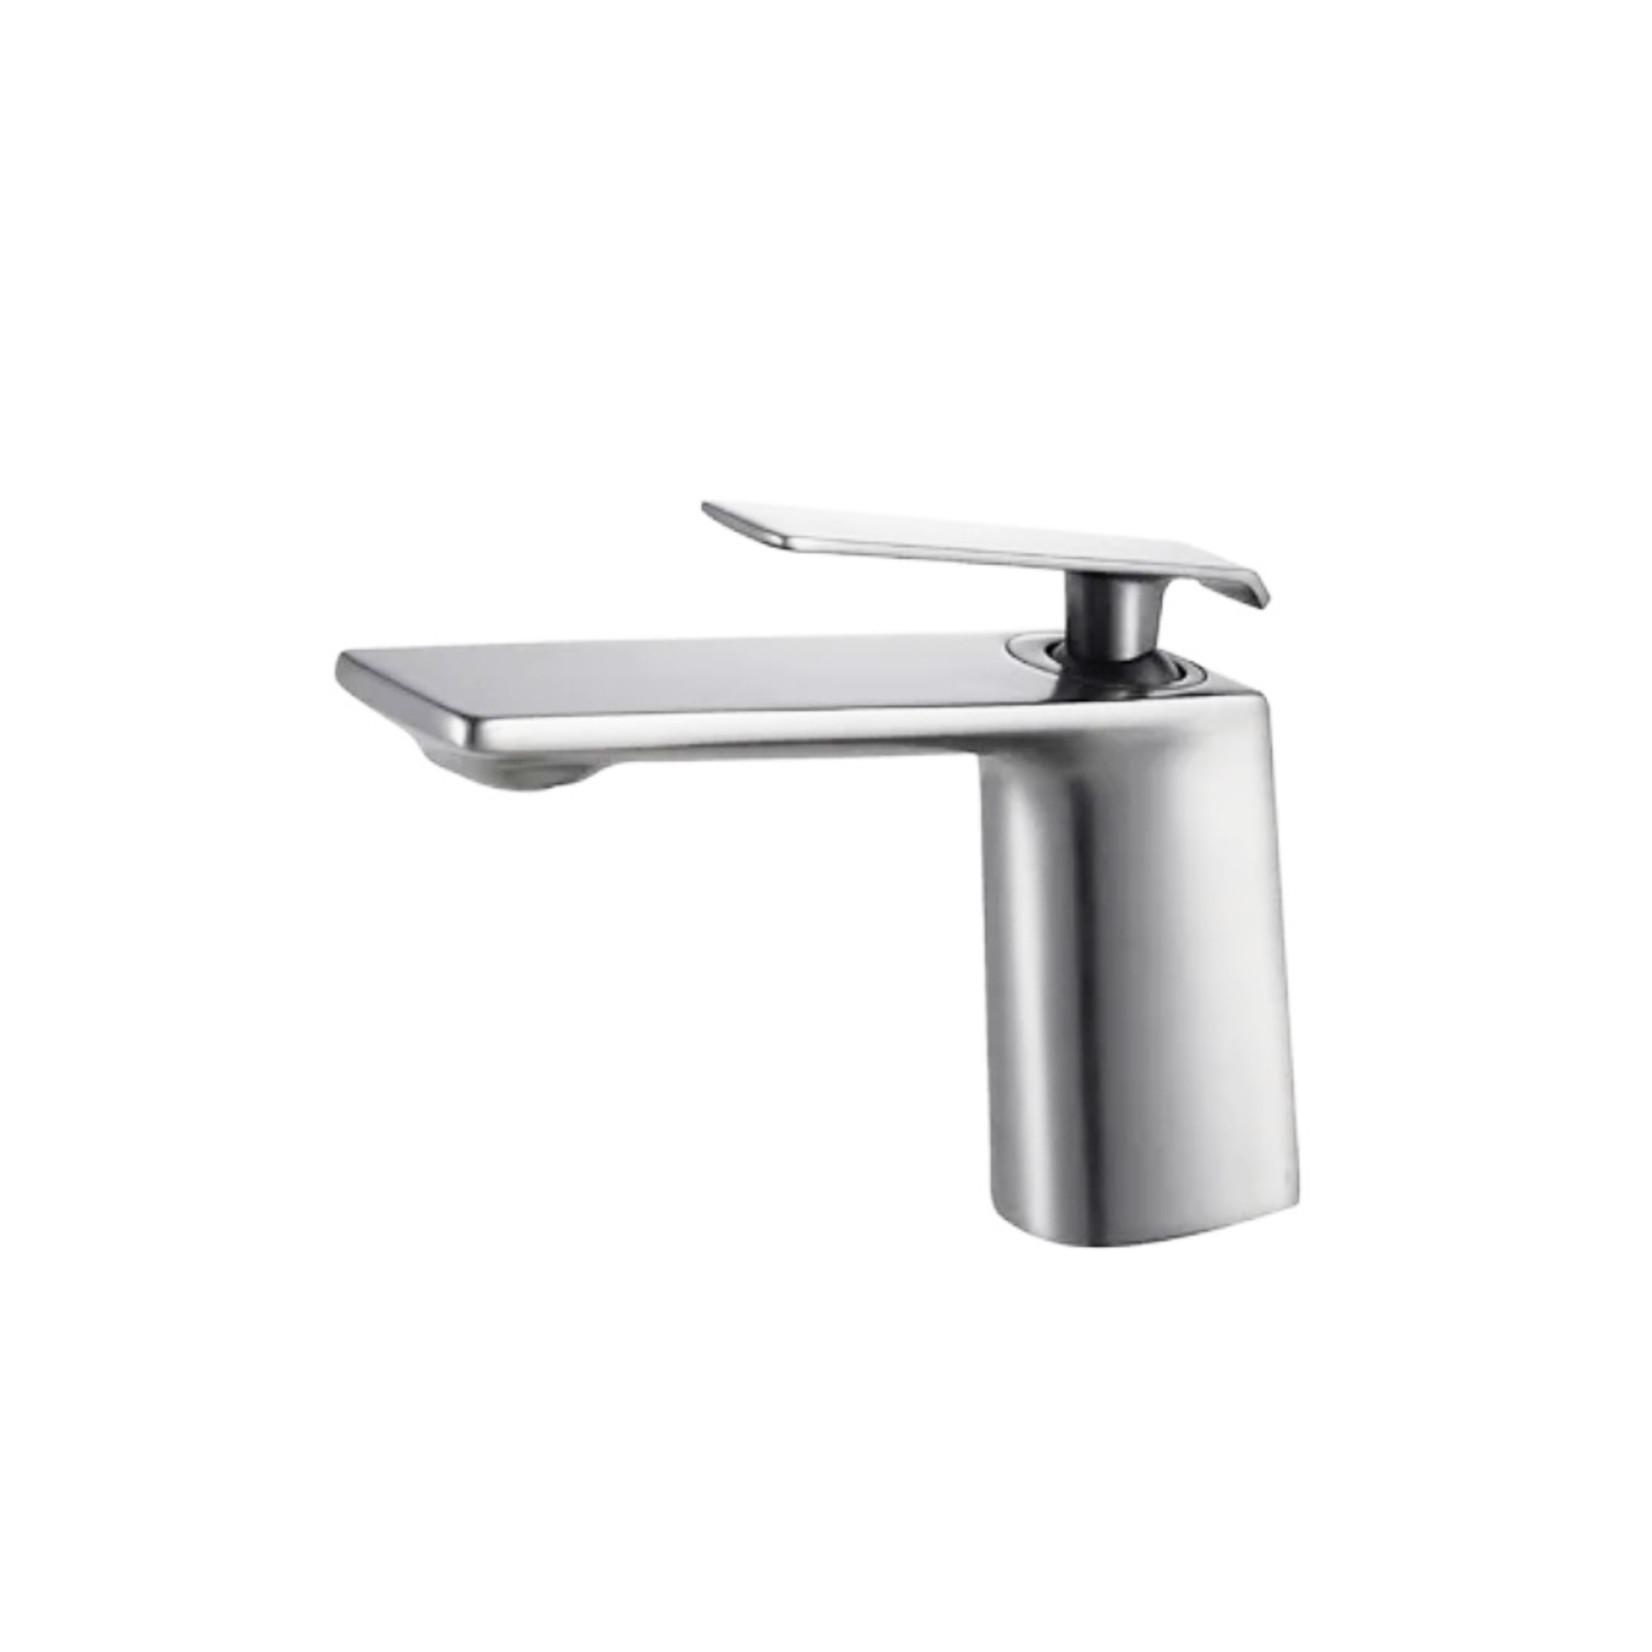 Chrome washbasin faucet B284-01-CM